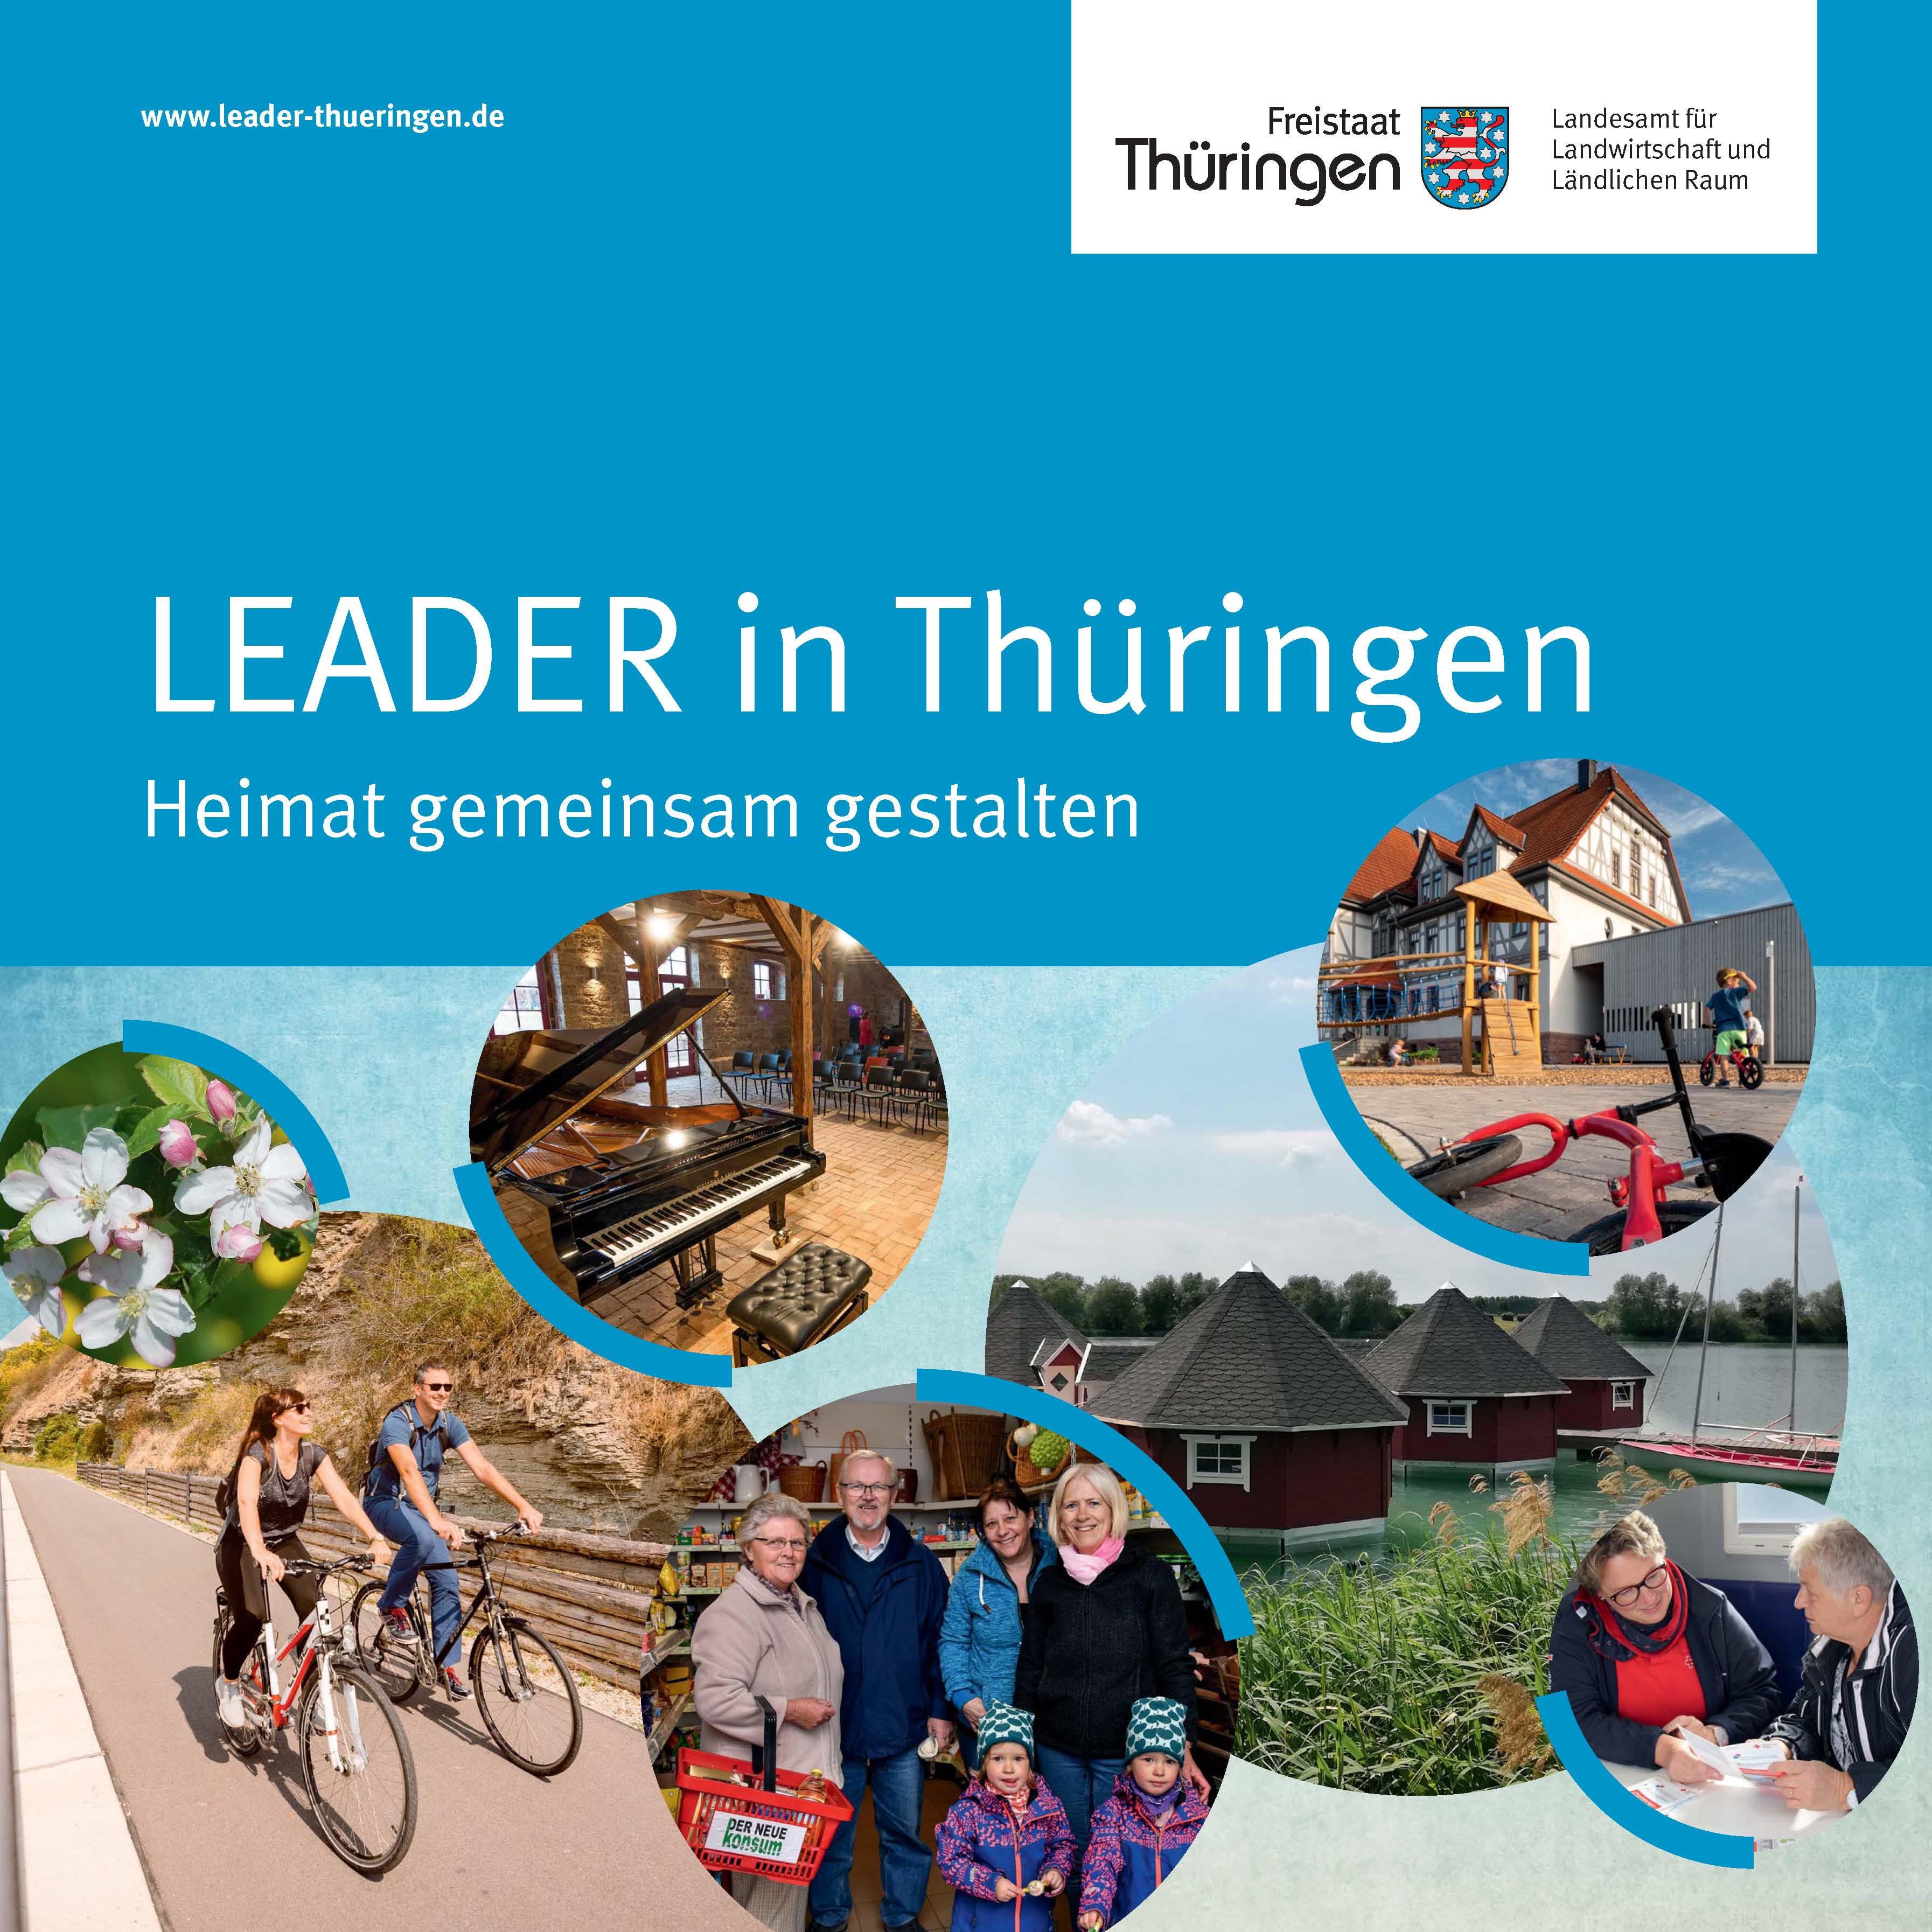 """Titelbild Broschüre """"LEADER in Thüringen - Heimat gemeinsam gestalten"""", Thüringer Landesamt für Landwirtschaft und Ländlichen Raum (TLLLR)"""